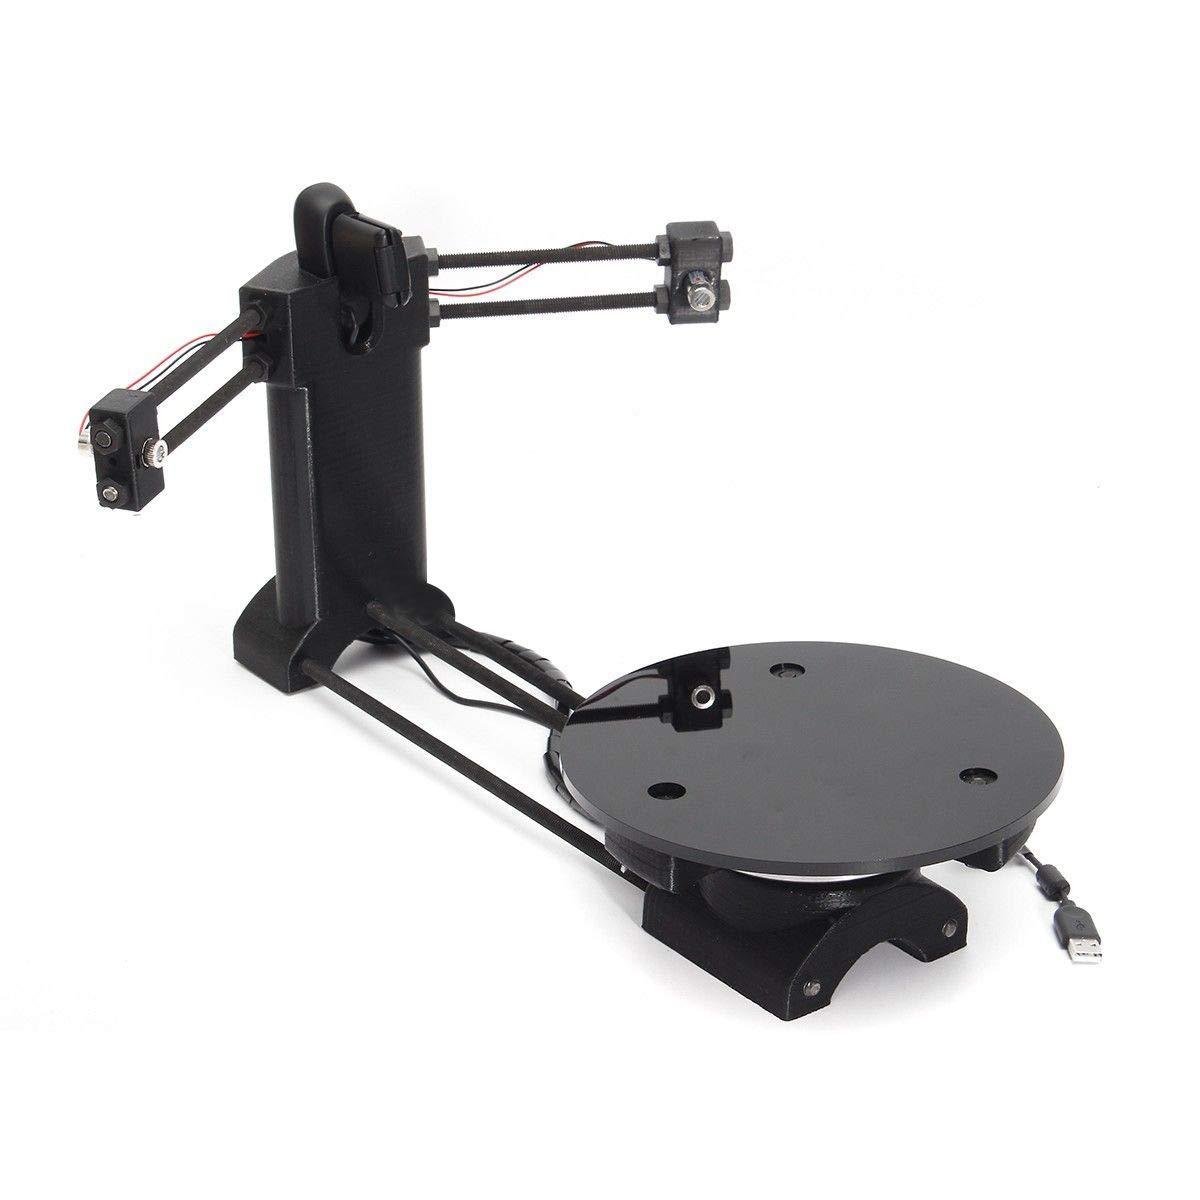 3D Open Source DIY 3D Scanner Kit Advanced Laser Scanner w// C270 Camera 3D USA